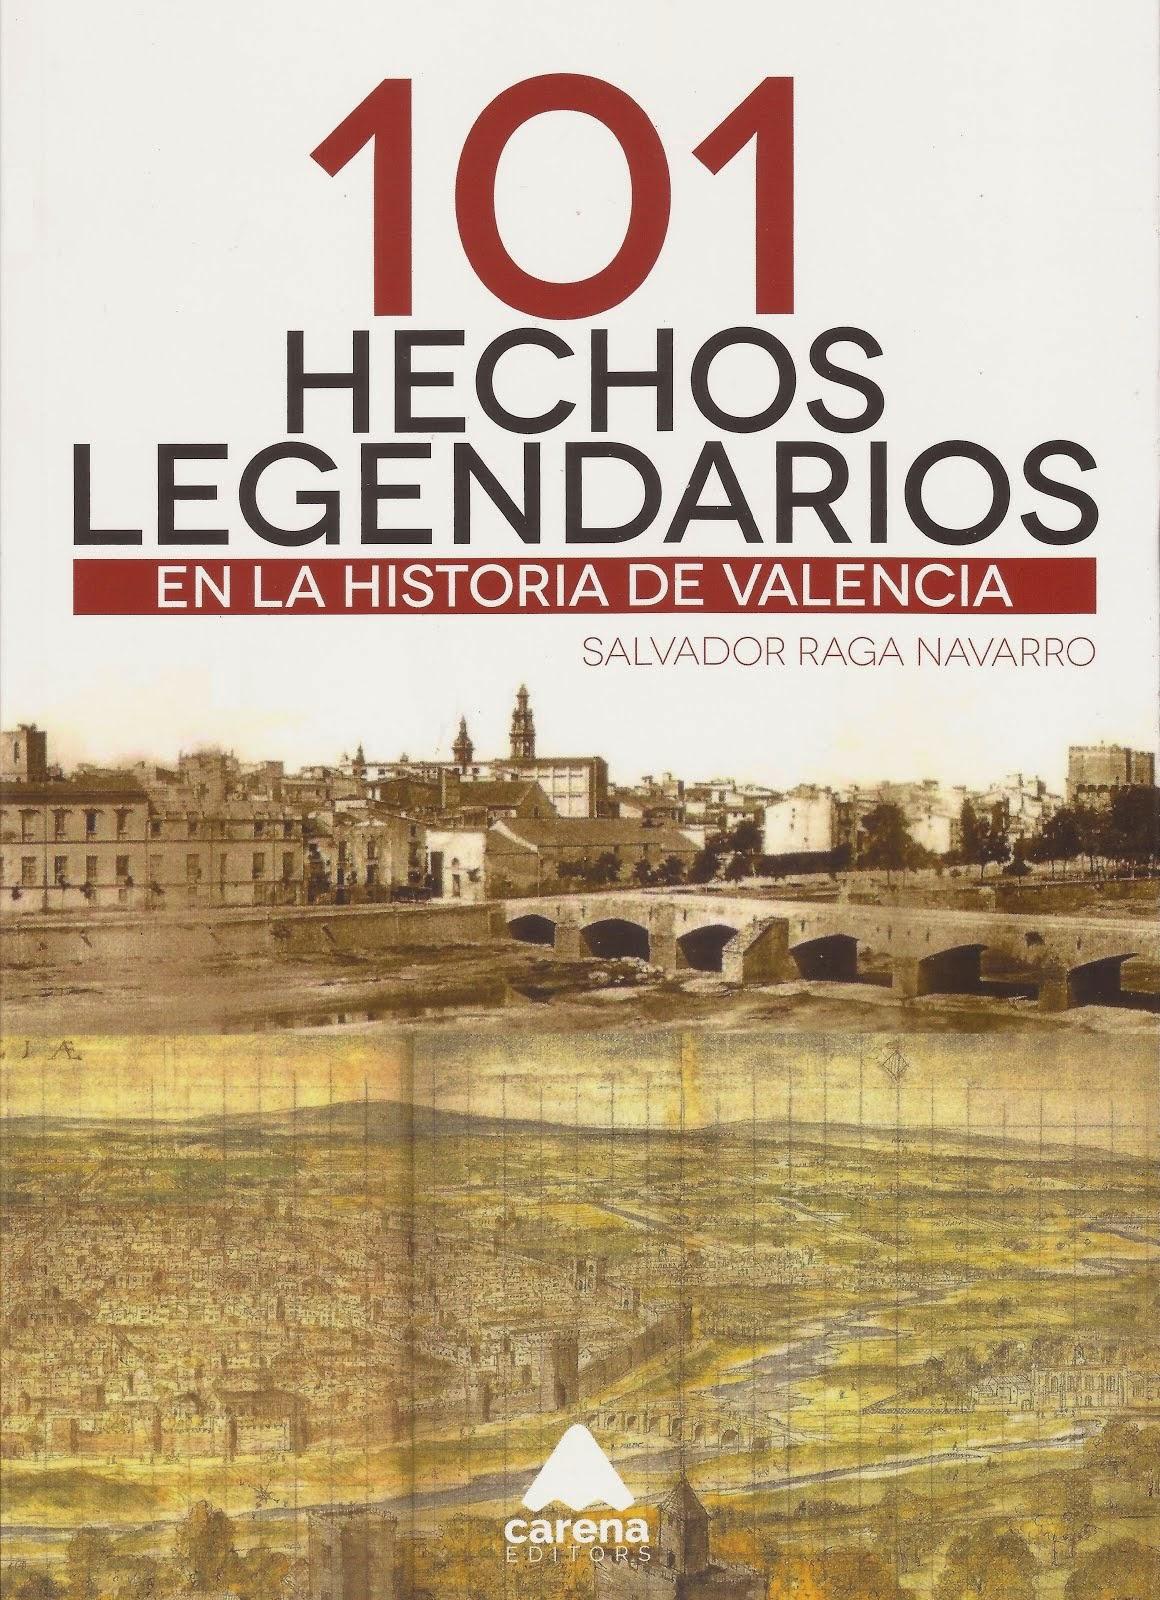 Nuestro libro: